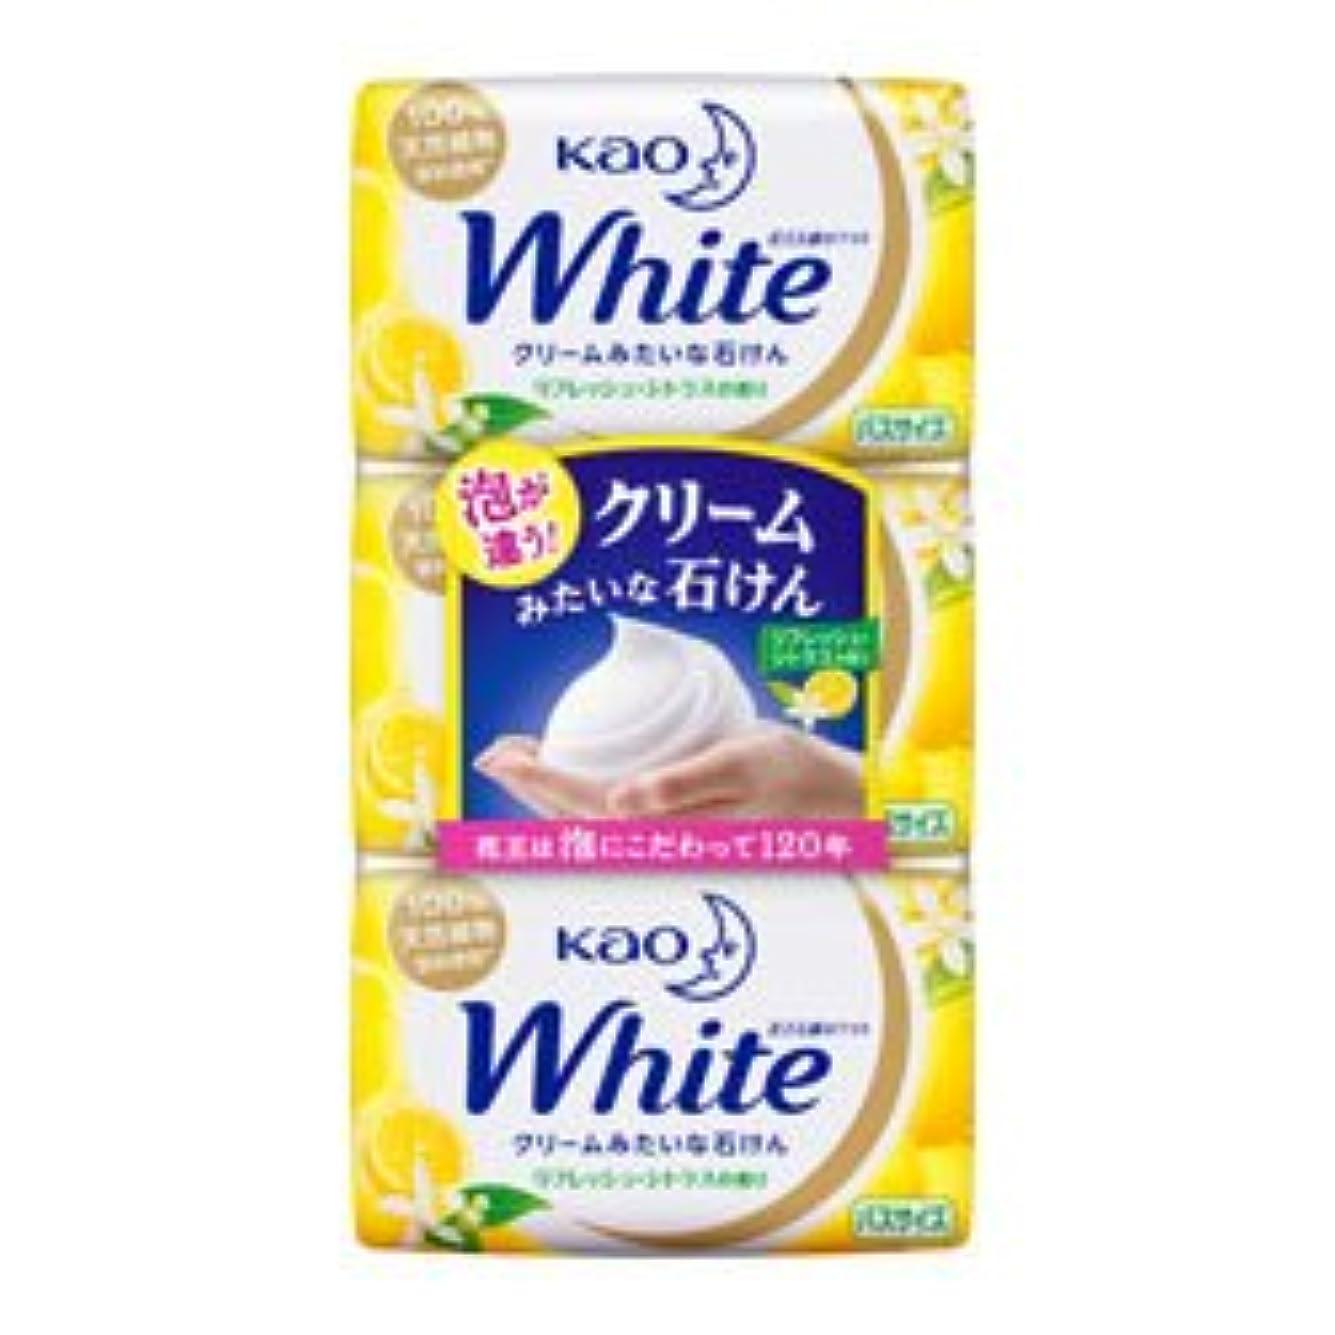 概念二層官僚【花王】ホワイト リフレッシュ?シトラスの香り バスサイズ 130g×3個入 ×20個セット